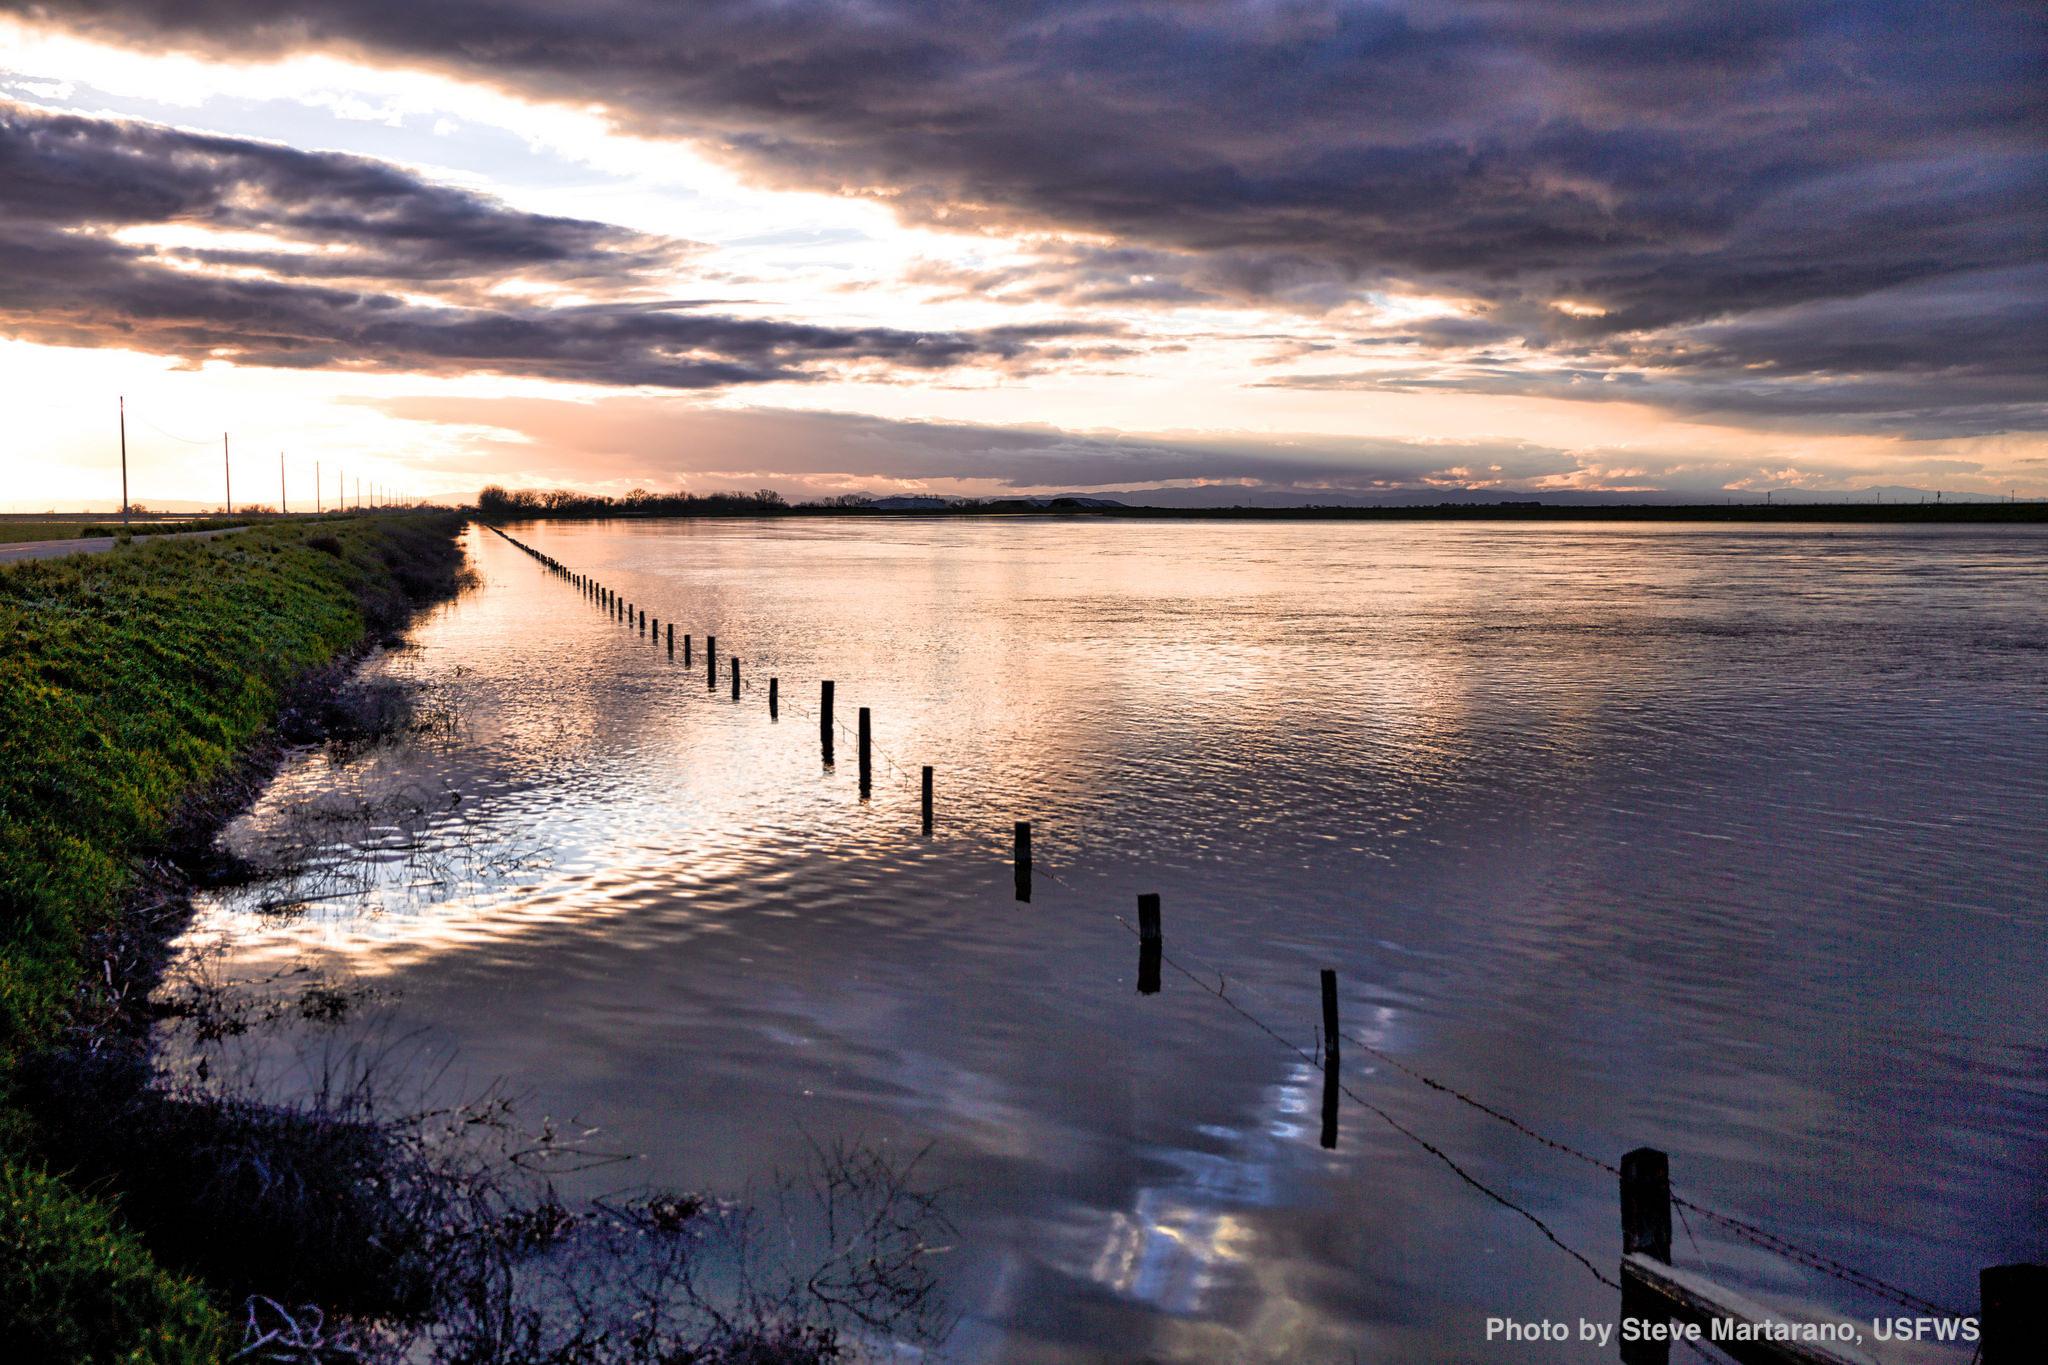 San Joaquin River at sunset